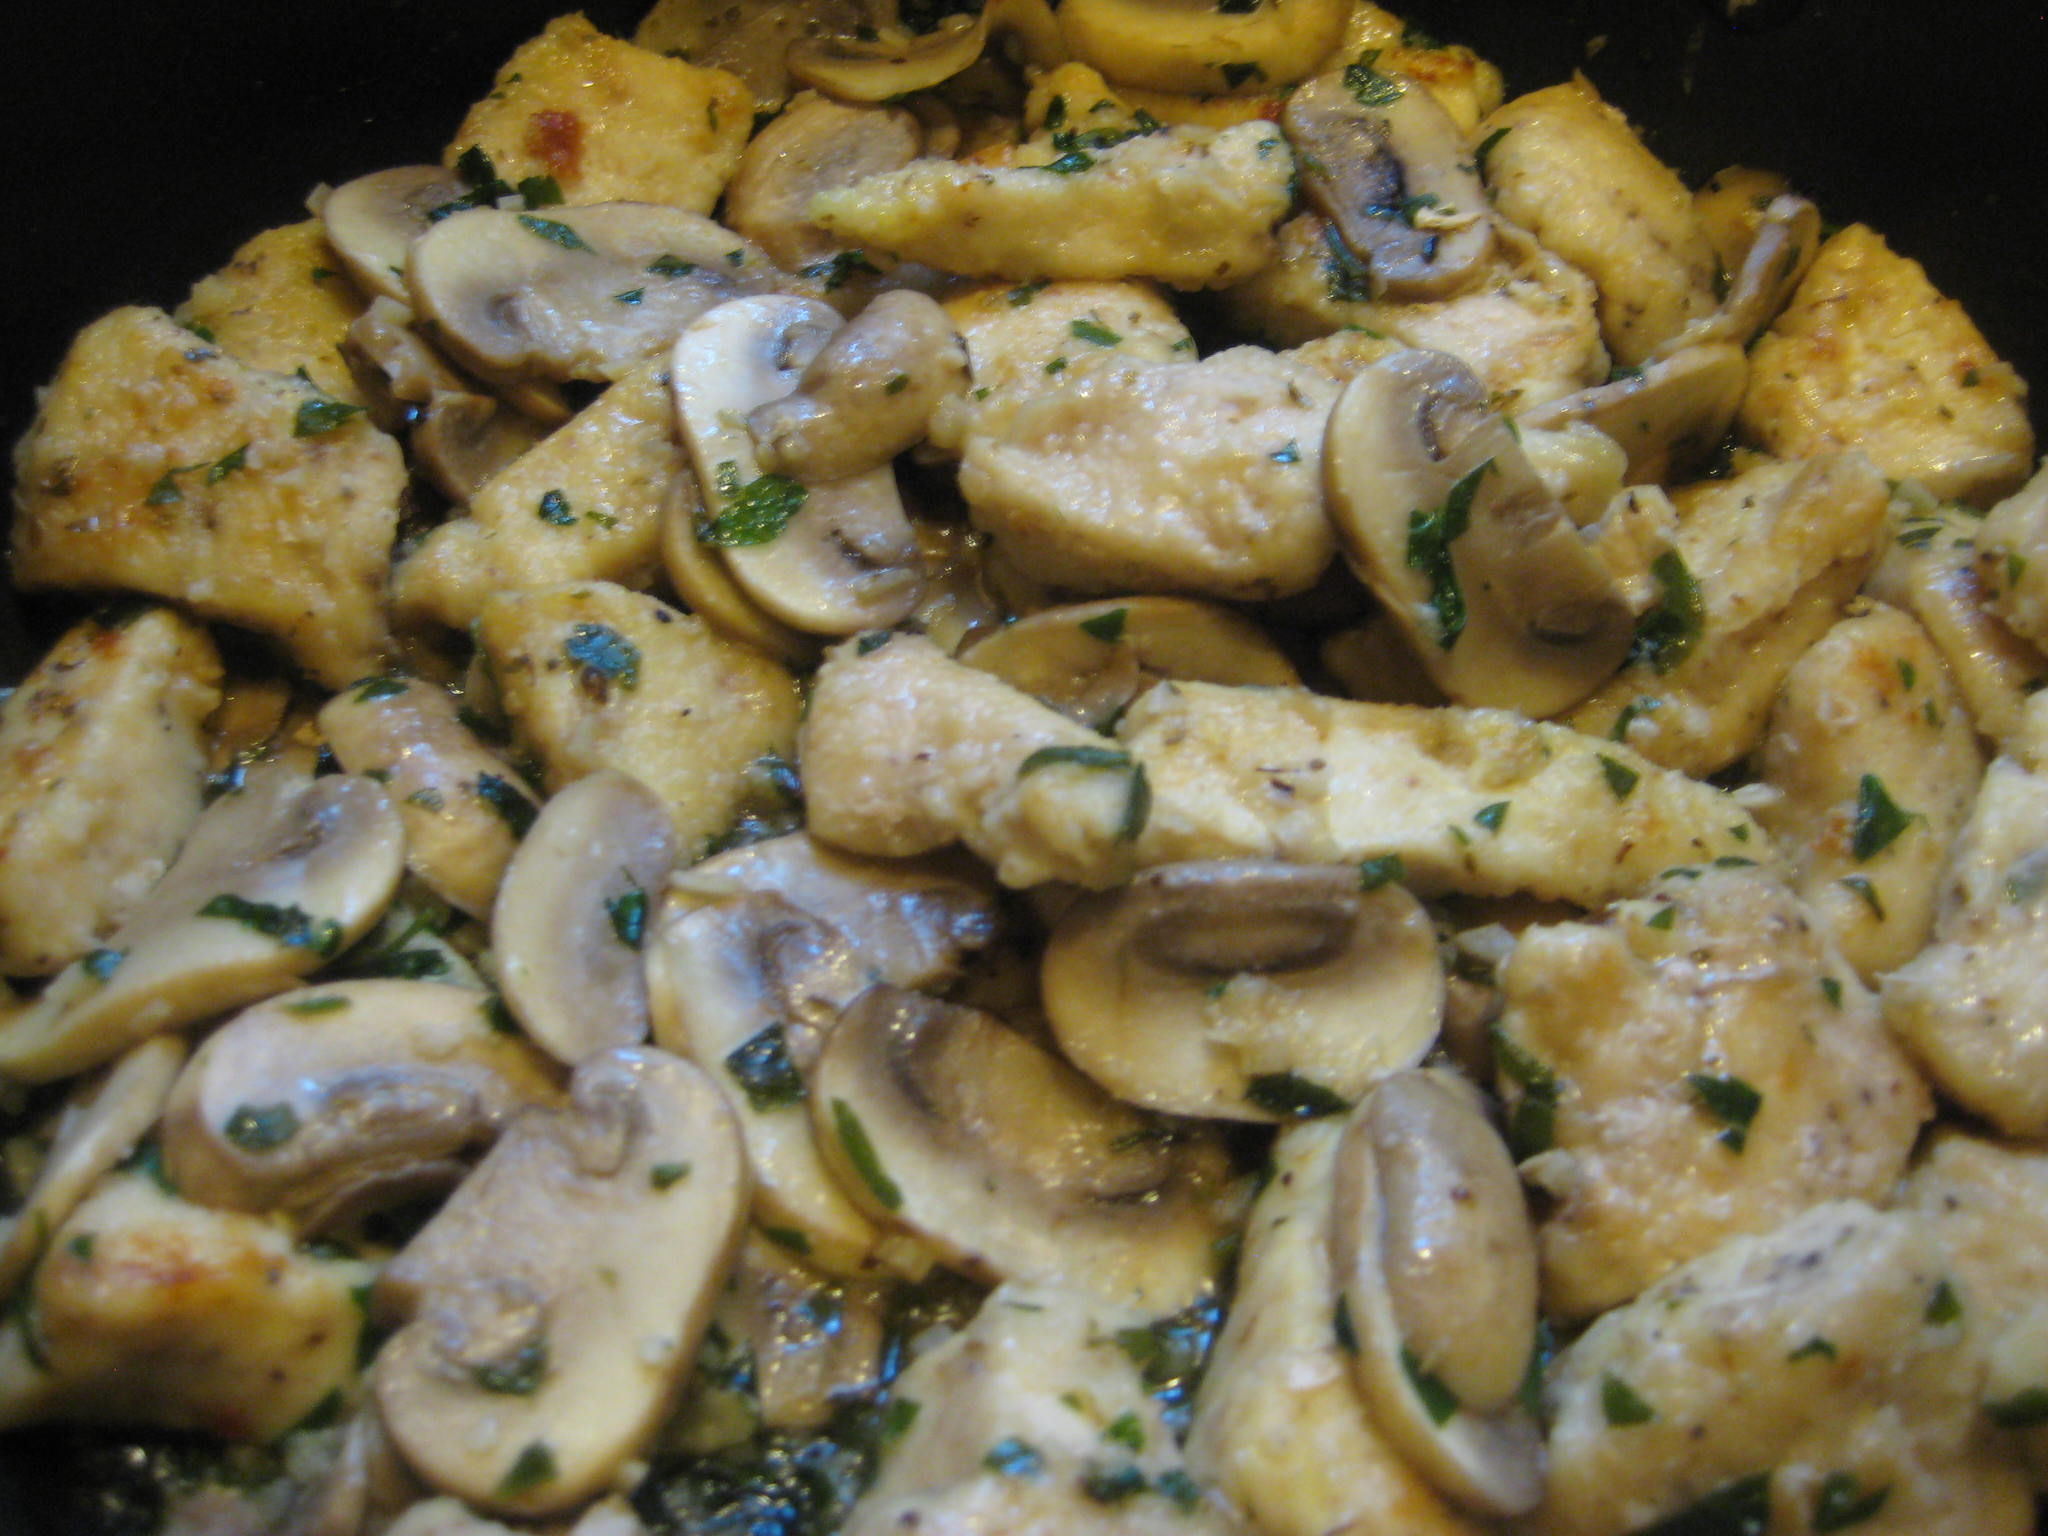 Самый вкусный грибной рецепт: как пожарить белые грибы в сметане - фото №1